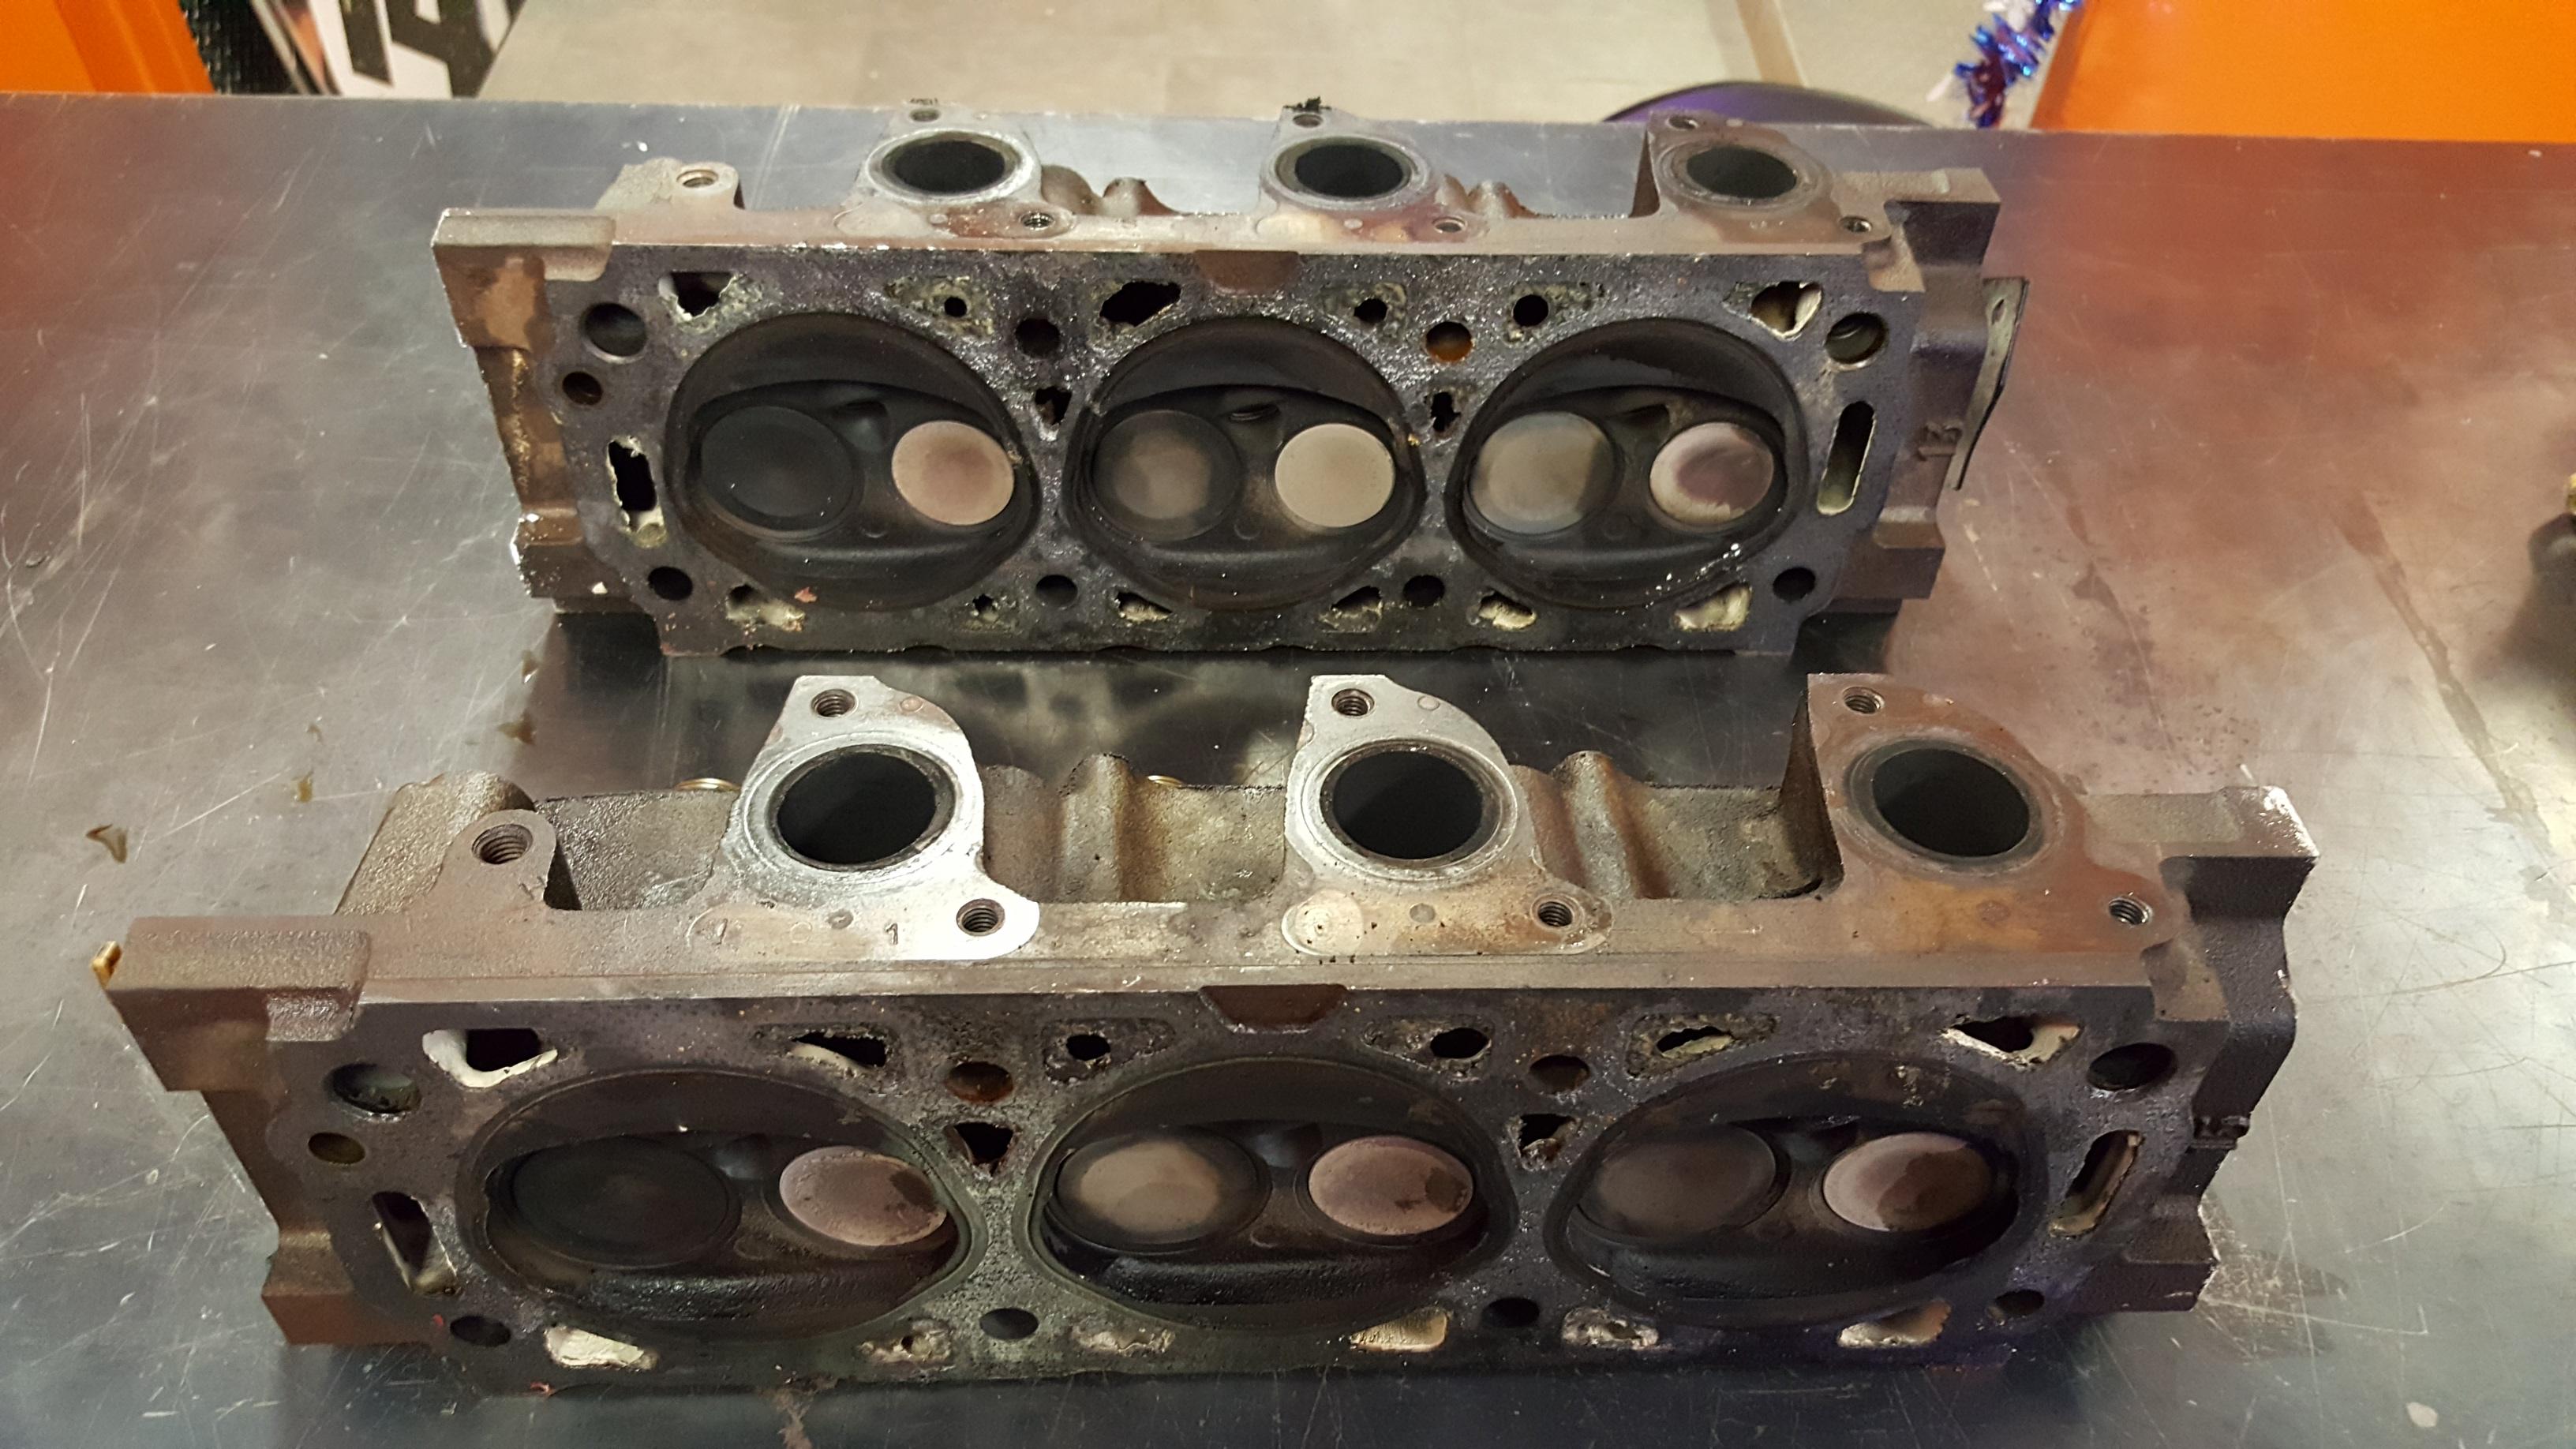 Bad Cylinder Head : Blown head gasket repair  motor mission